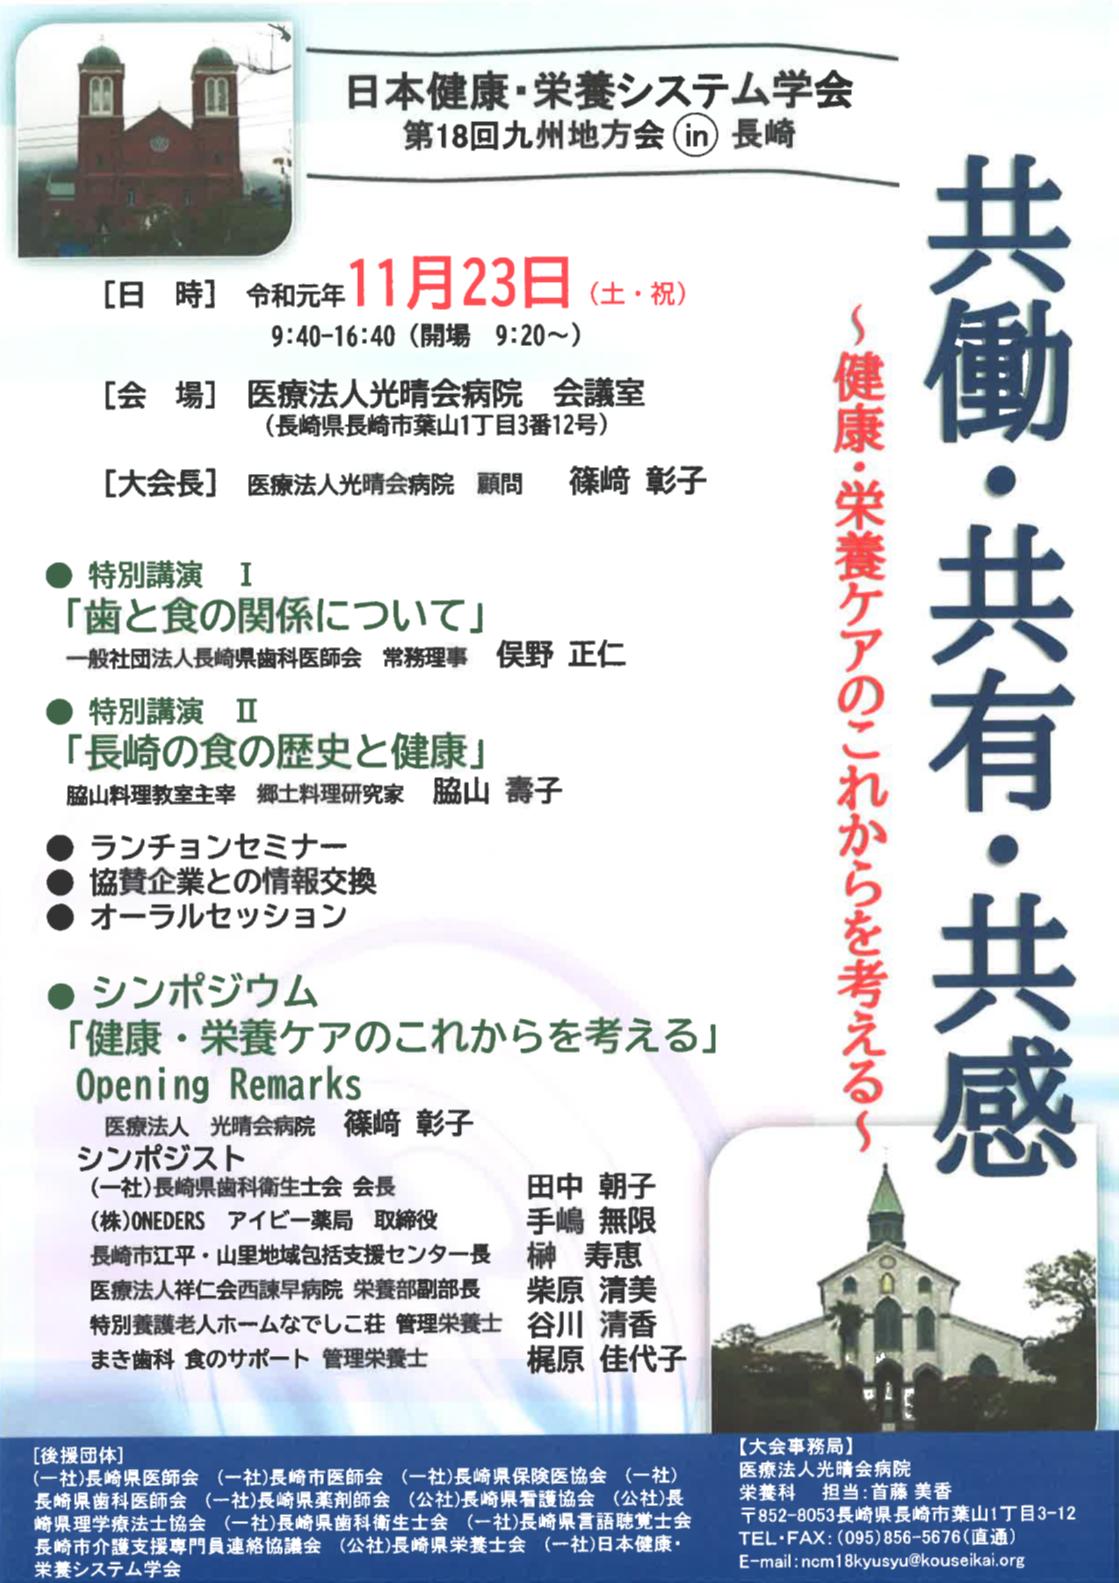 日本健康・栄養システム学会のお知らせ(本会後援) @ 医療法人光晴会病院 会議室